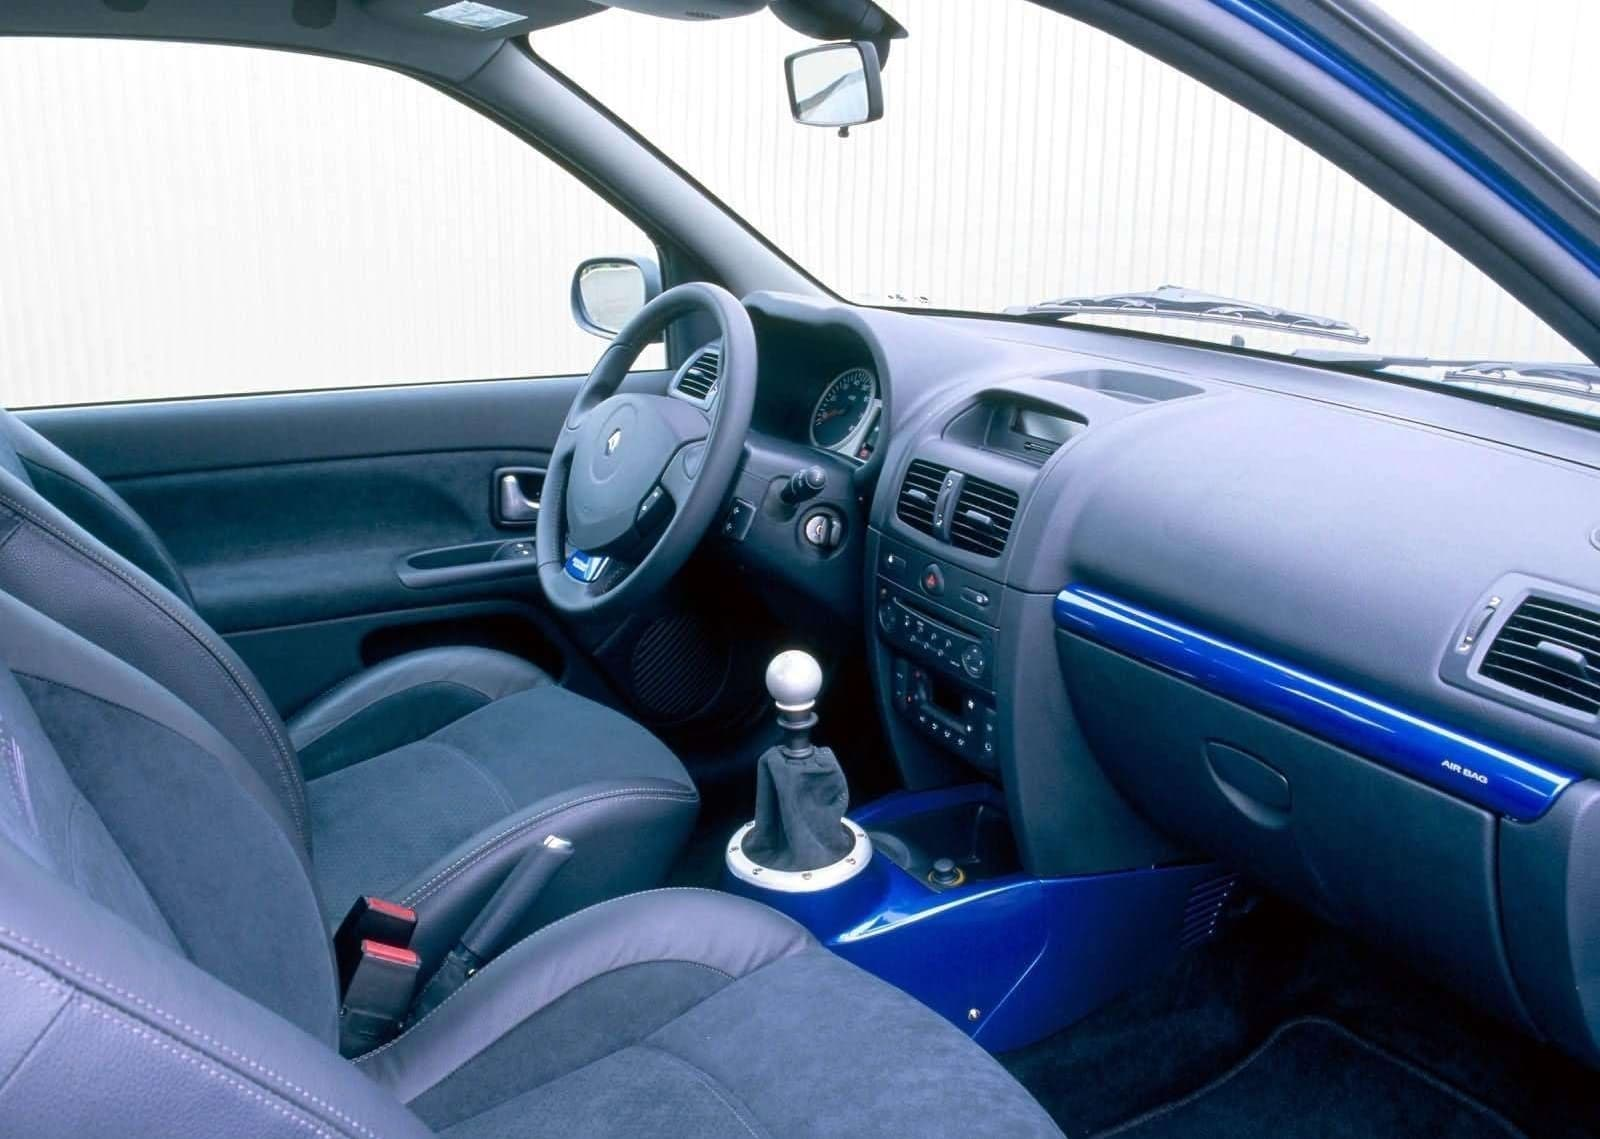 Renault Clio V6 Porsche 1018 007